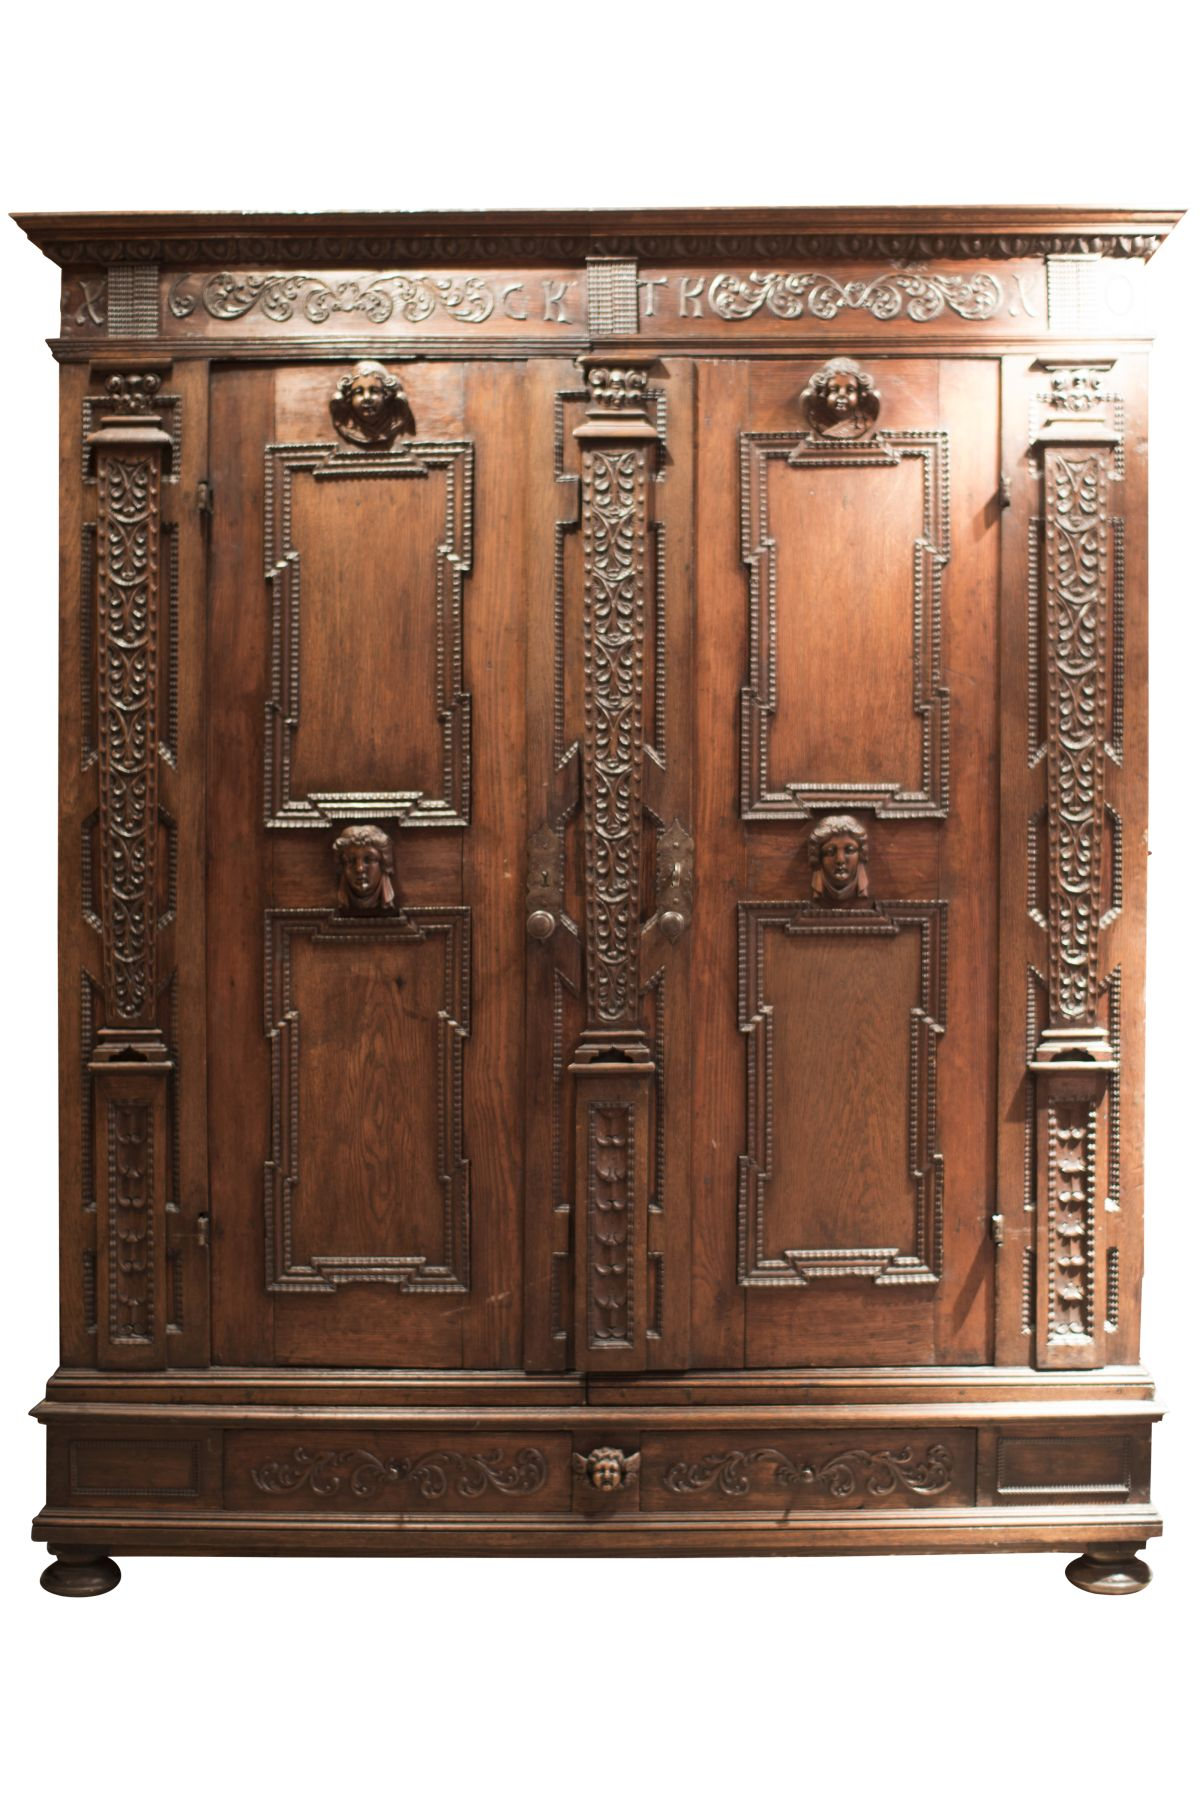 #14 Large Living Room Cabinet, Historicism   Großer Wohnzimmerschrank, Historismus Image